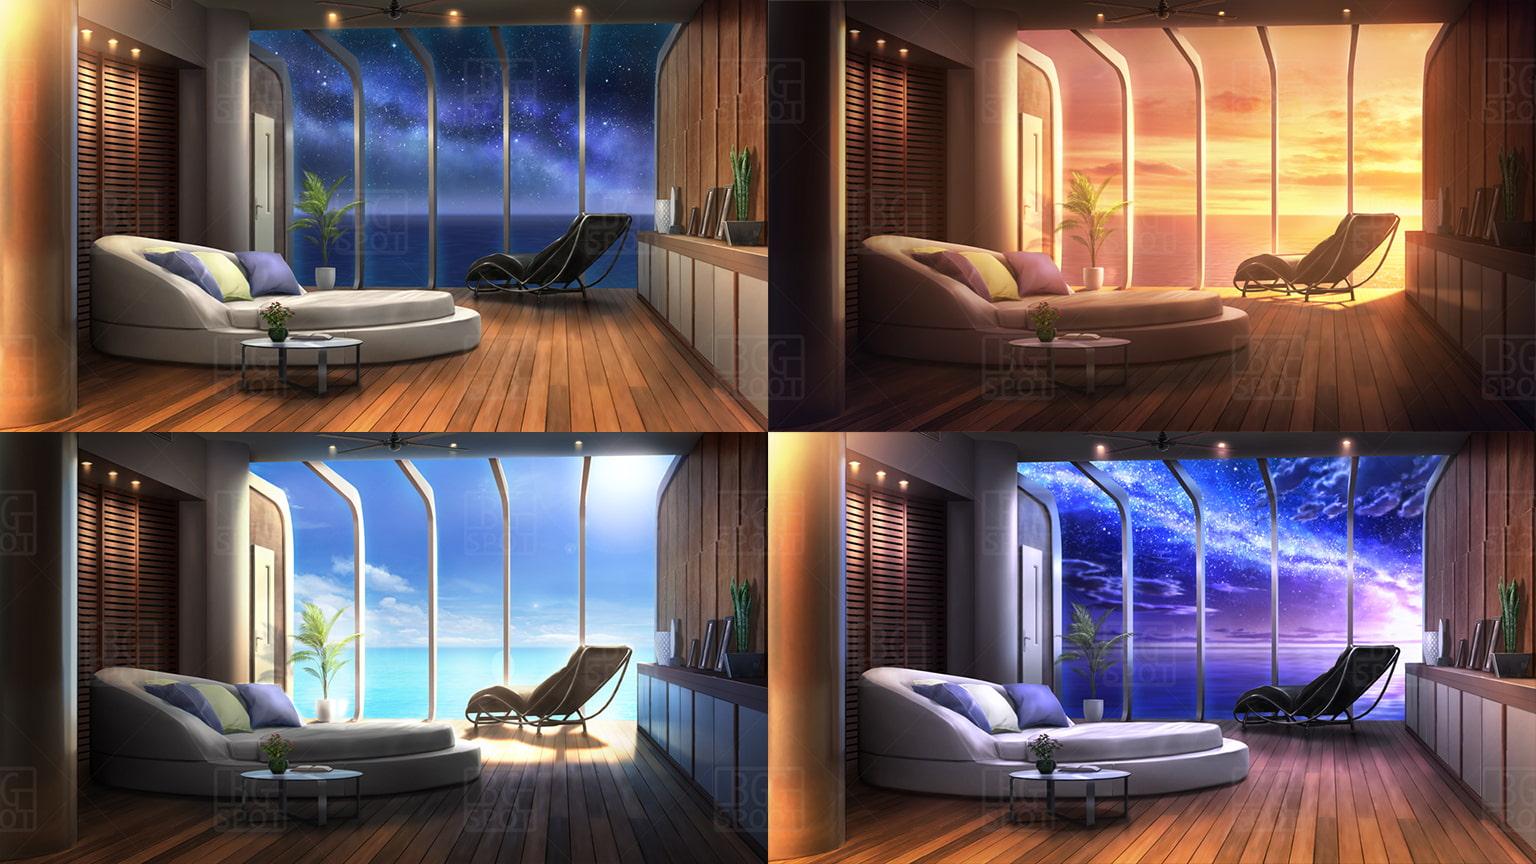 BG_星空の洞窟のレストラン